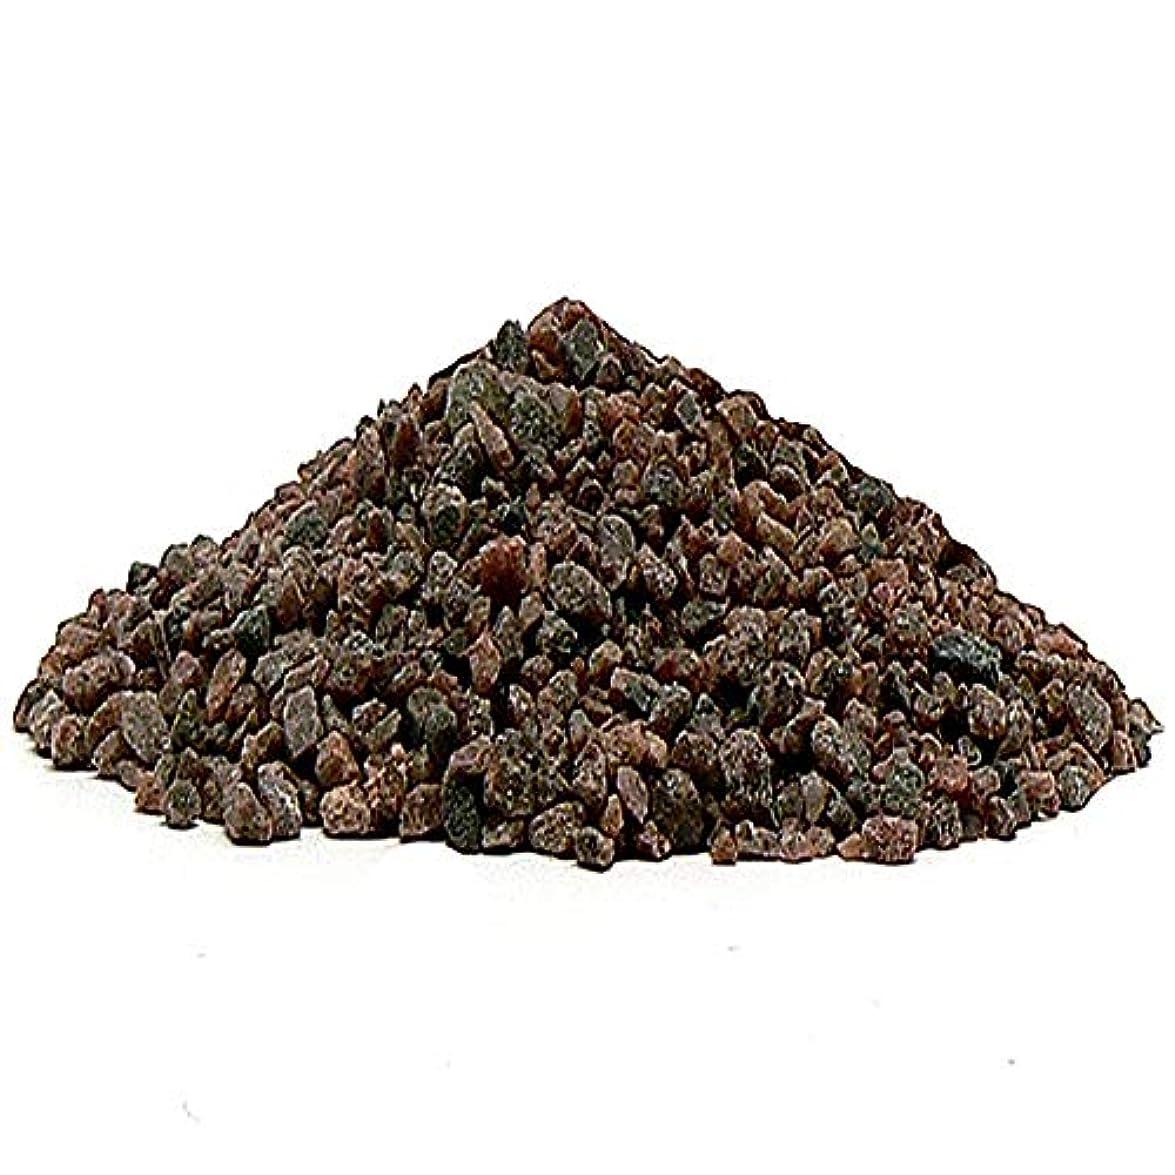 増量中! ヒマラヤ岩塩 ブラックソルト 入浴用 バスソルト(小粒) 黒岩塩 (2kg+300g増量)